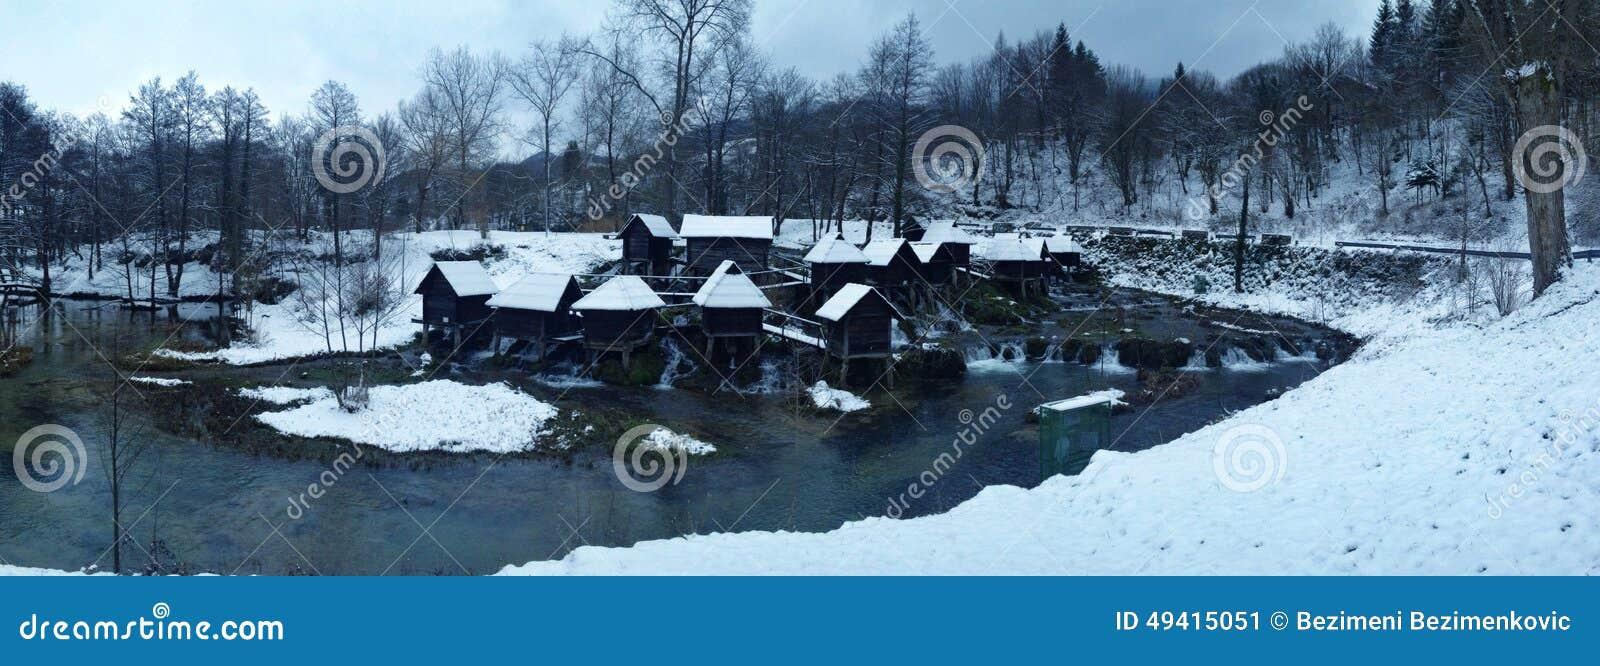 Download Mühle auf Wasser stockbild. Bild von wasser, holz, netherlands - 49415051